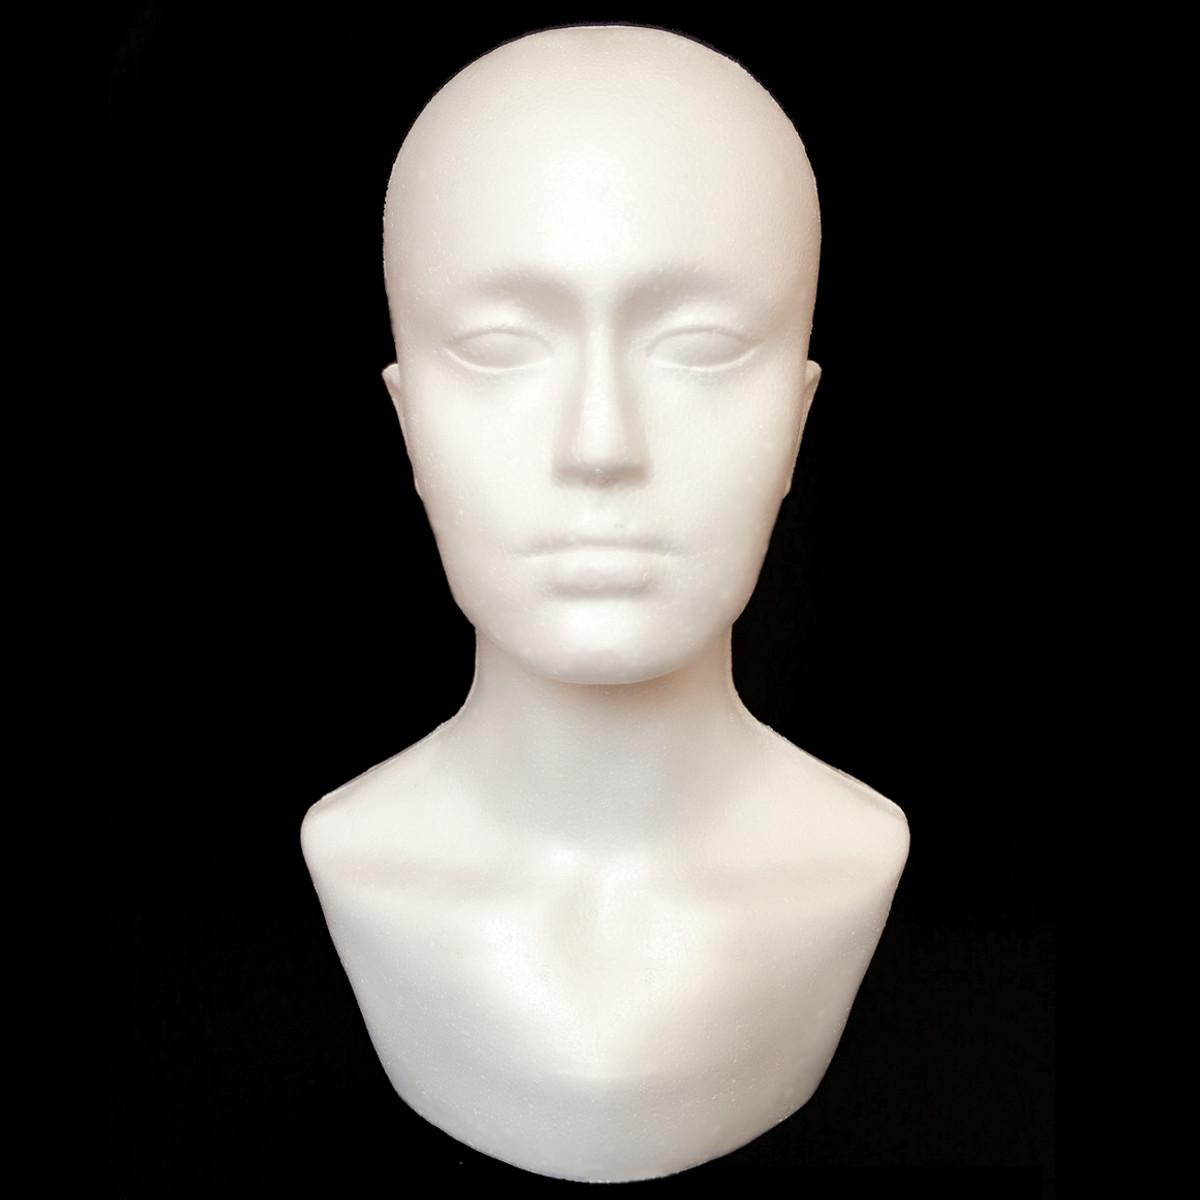 Мужской полистирол пена манекен Стенд Модель Дисплей Голова